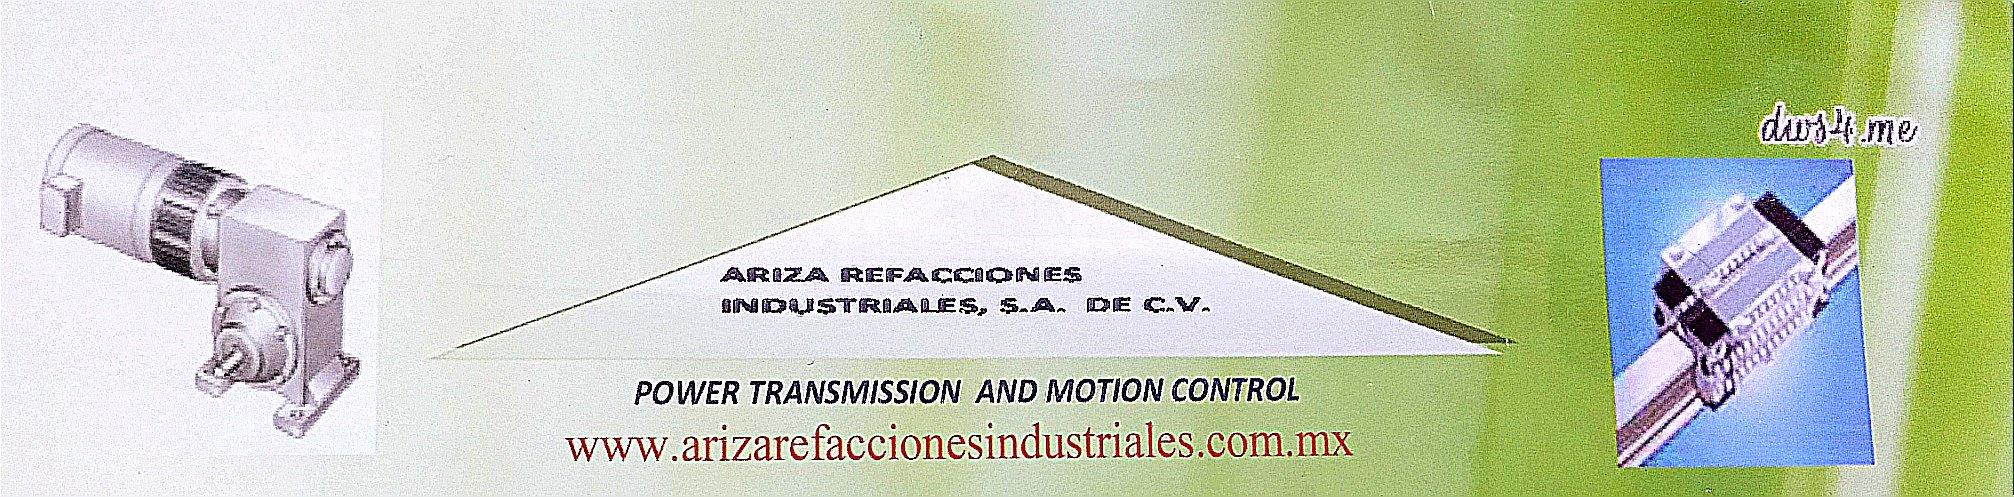 ARIZA REFACCIONES INDUSTRIALES SA DE CV       POWER TRANSMISSION & MOTION CONTROL